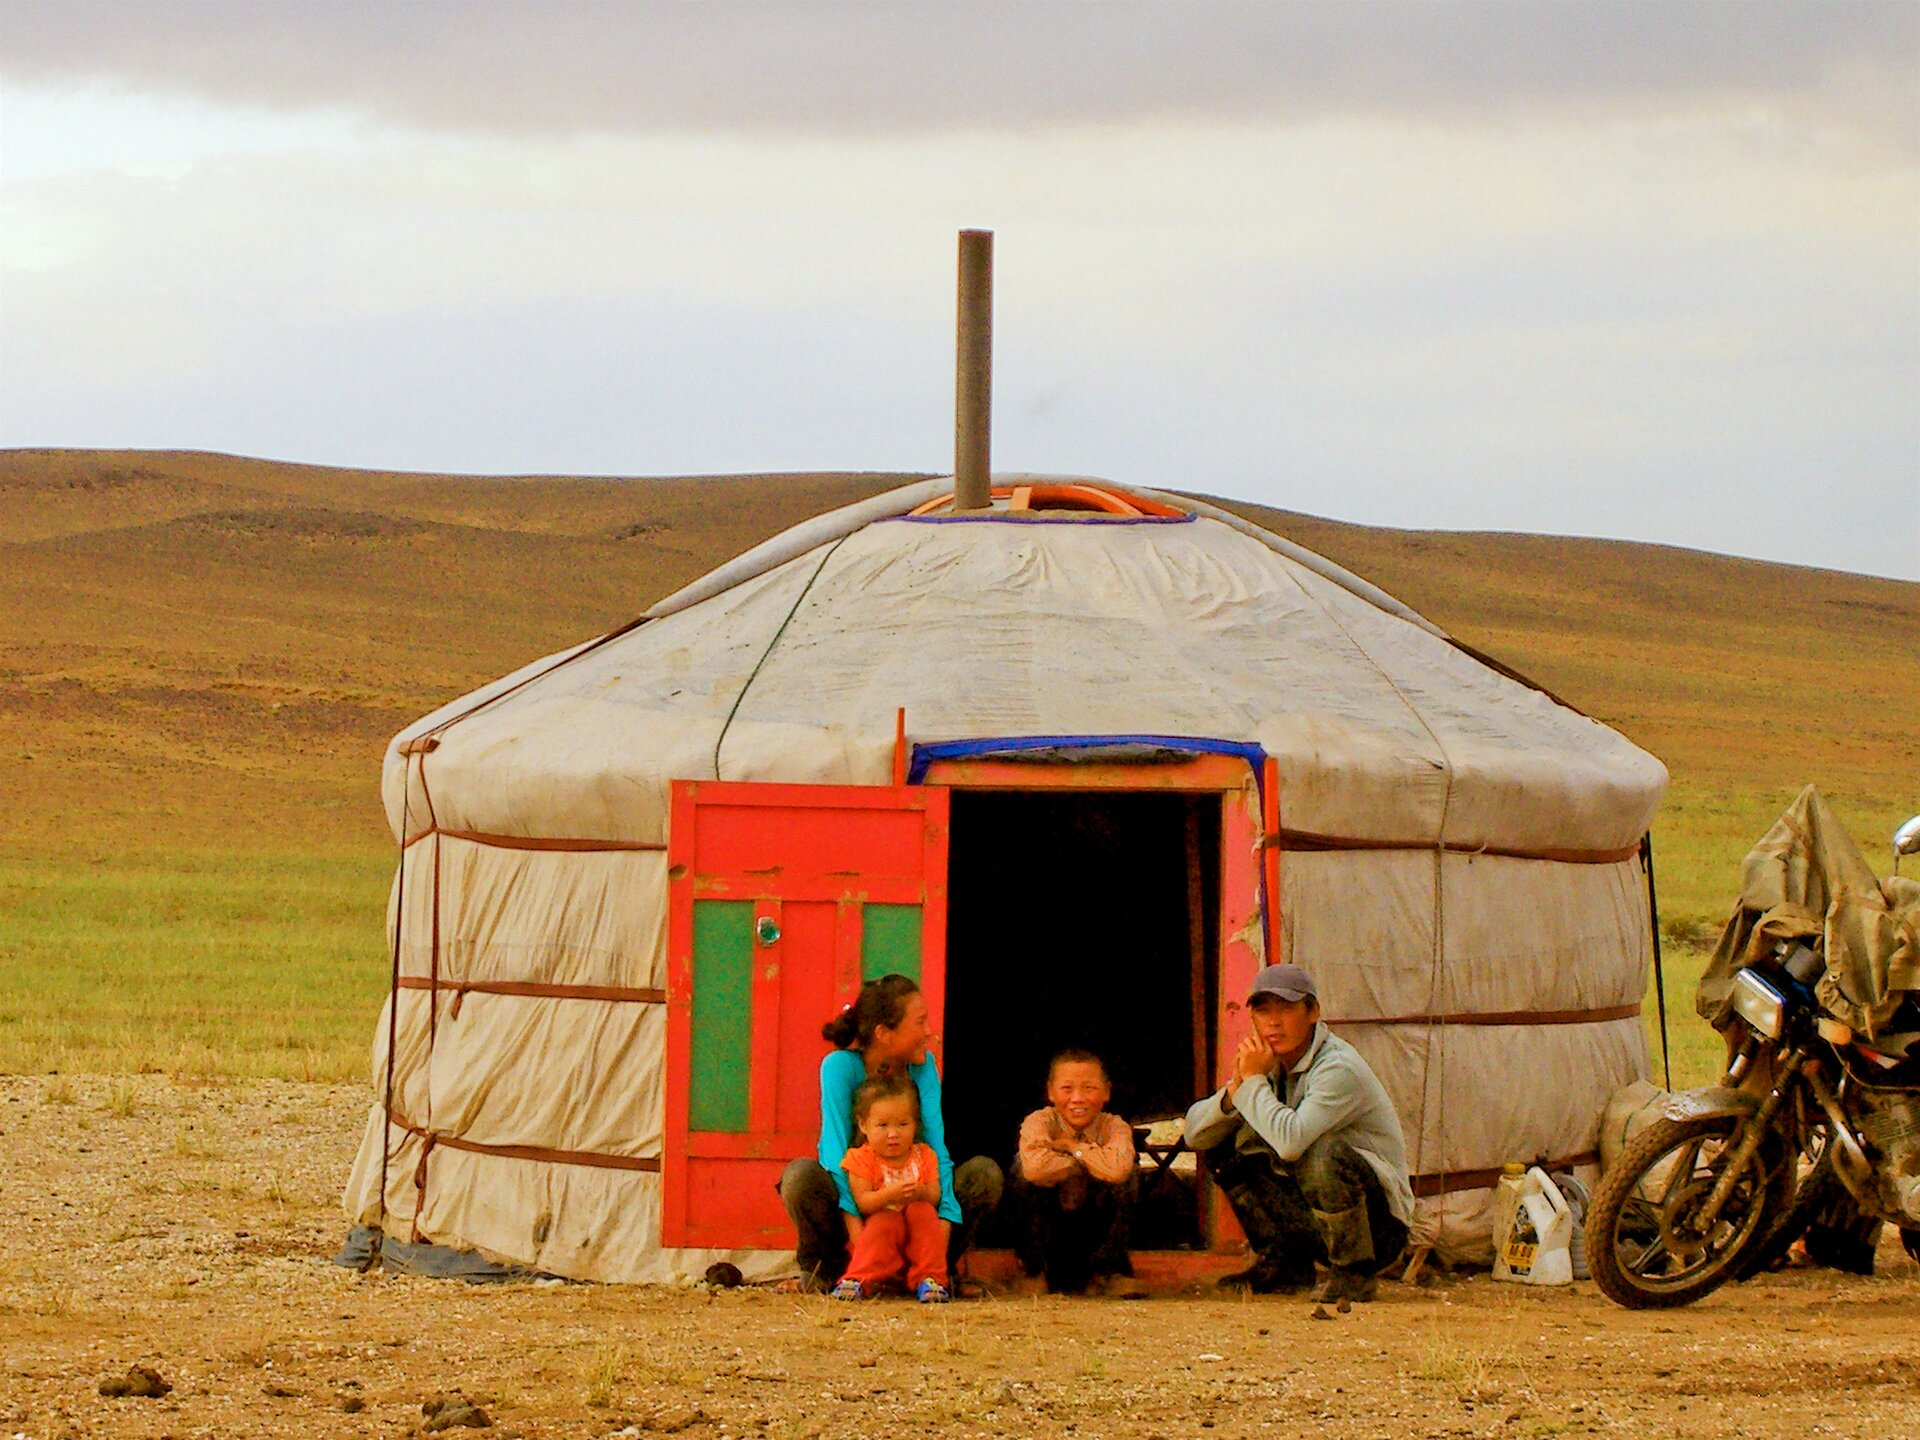 Na zdjęciu jurta na stepie wMongolii. Otwarte drzwi, przed drzwiami siedzą cztery osoby – rodzina – dwoje dorosłych idwoje dzieci. Zprawej strony zaparkowany motocykl.